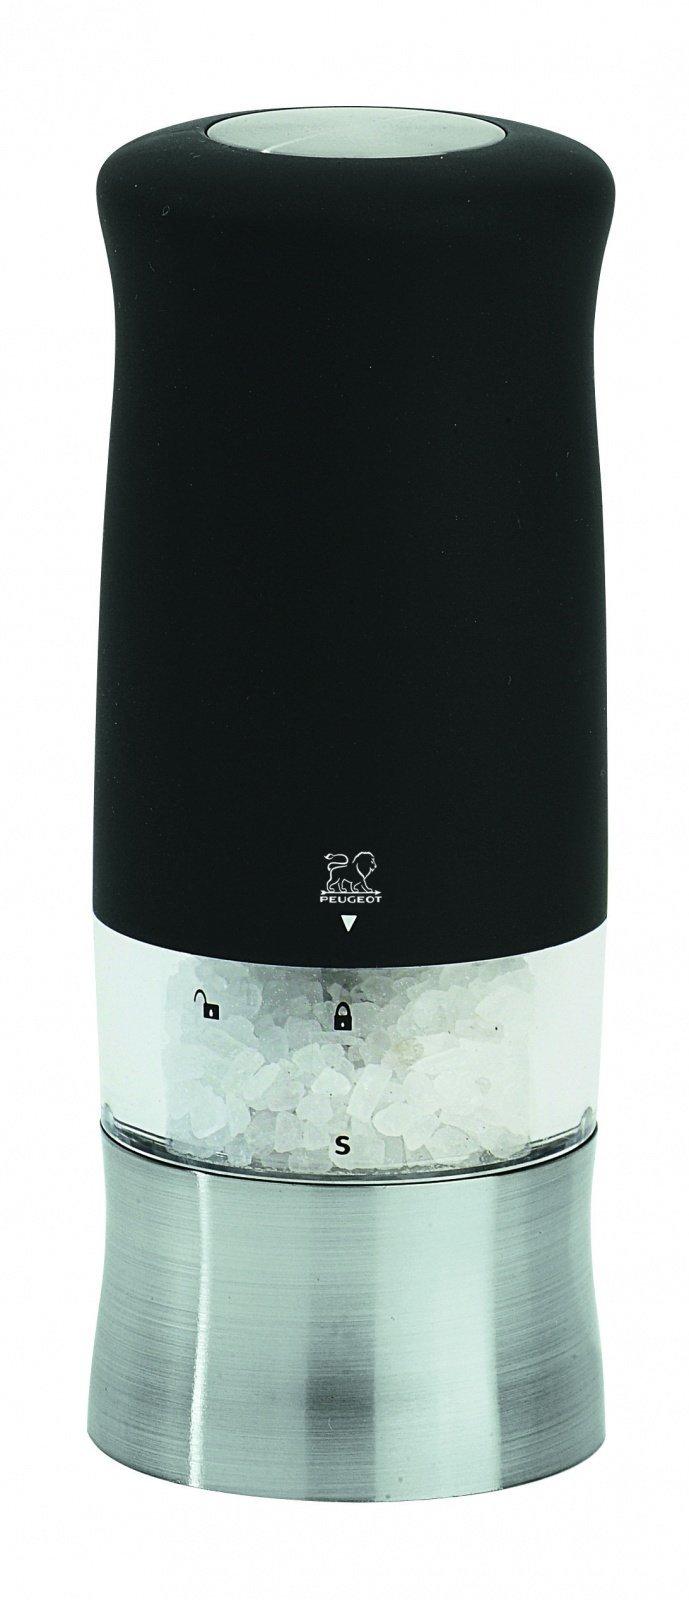 """Мельница Peugeot Zphir для соли,14 см, """"софт тач"""" чёрный, на батарейках 22570"""